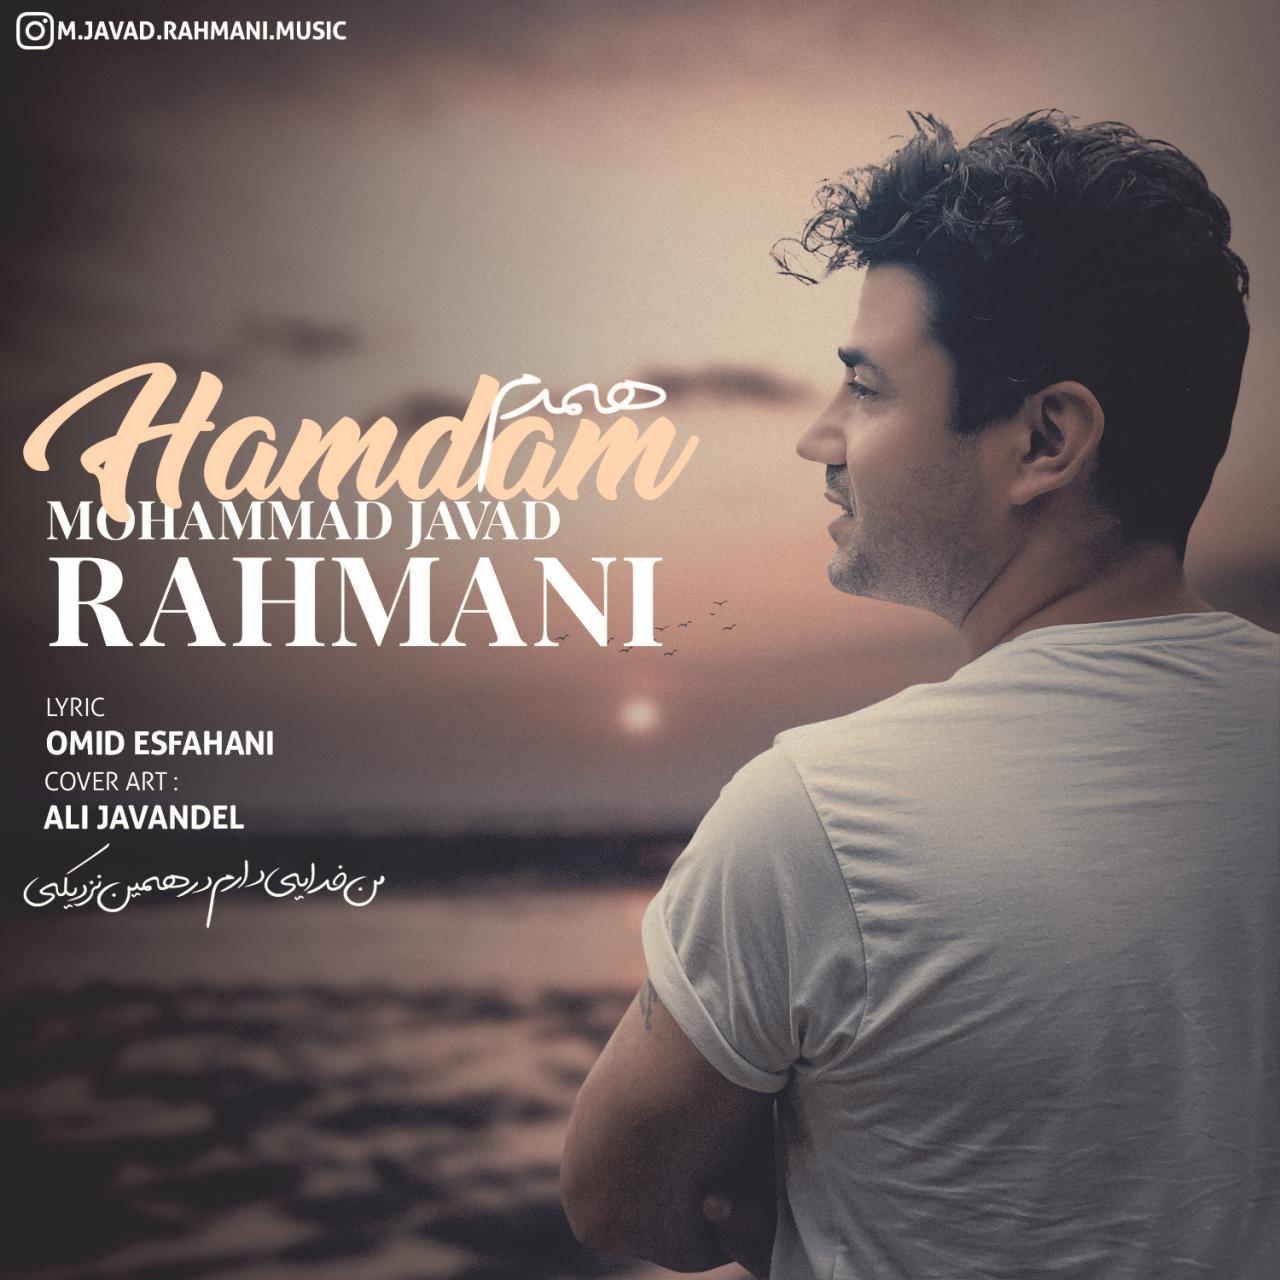 Mohammad Javad Rahmani – Hamdam